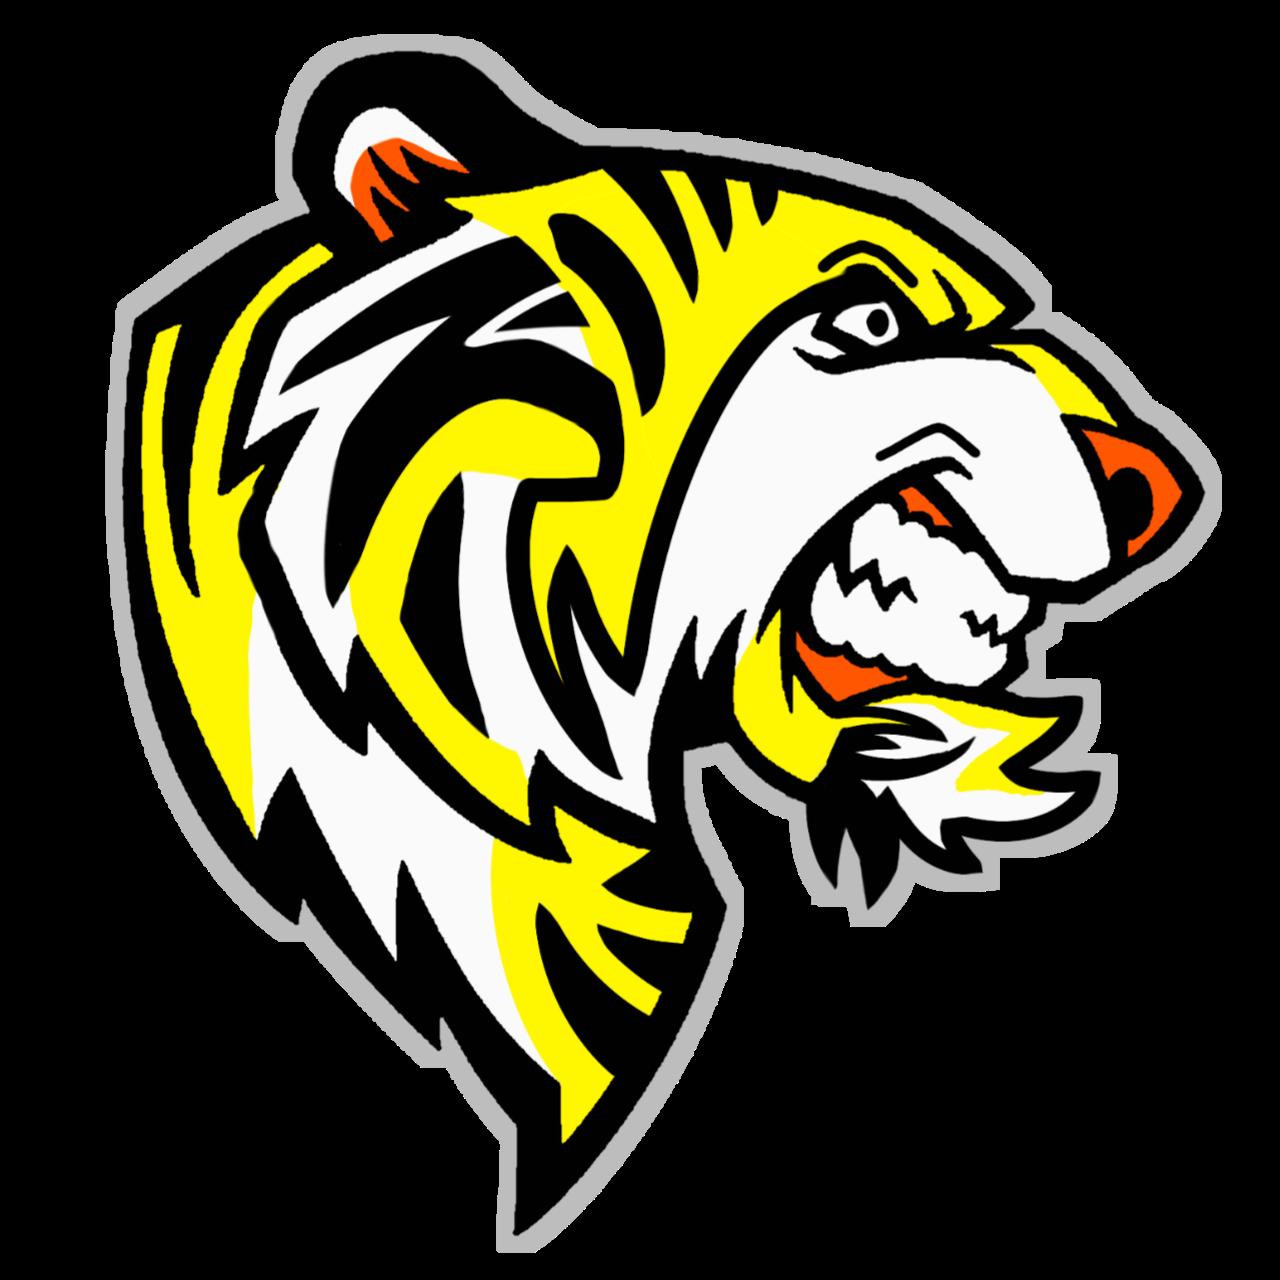 Mascot mentahan (Dengan gambar) Logo keren, Seni, Hewan